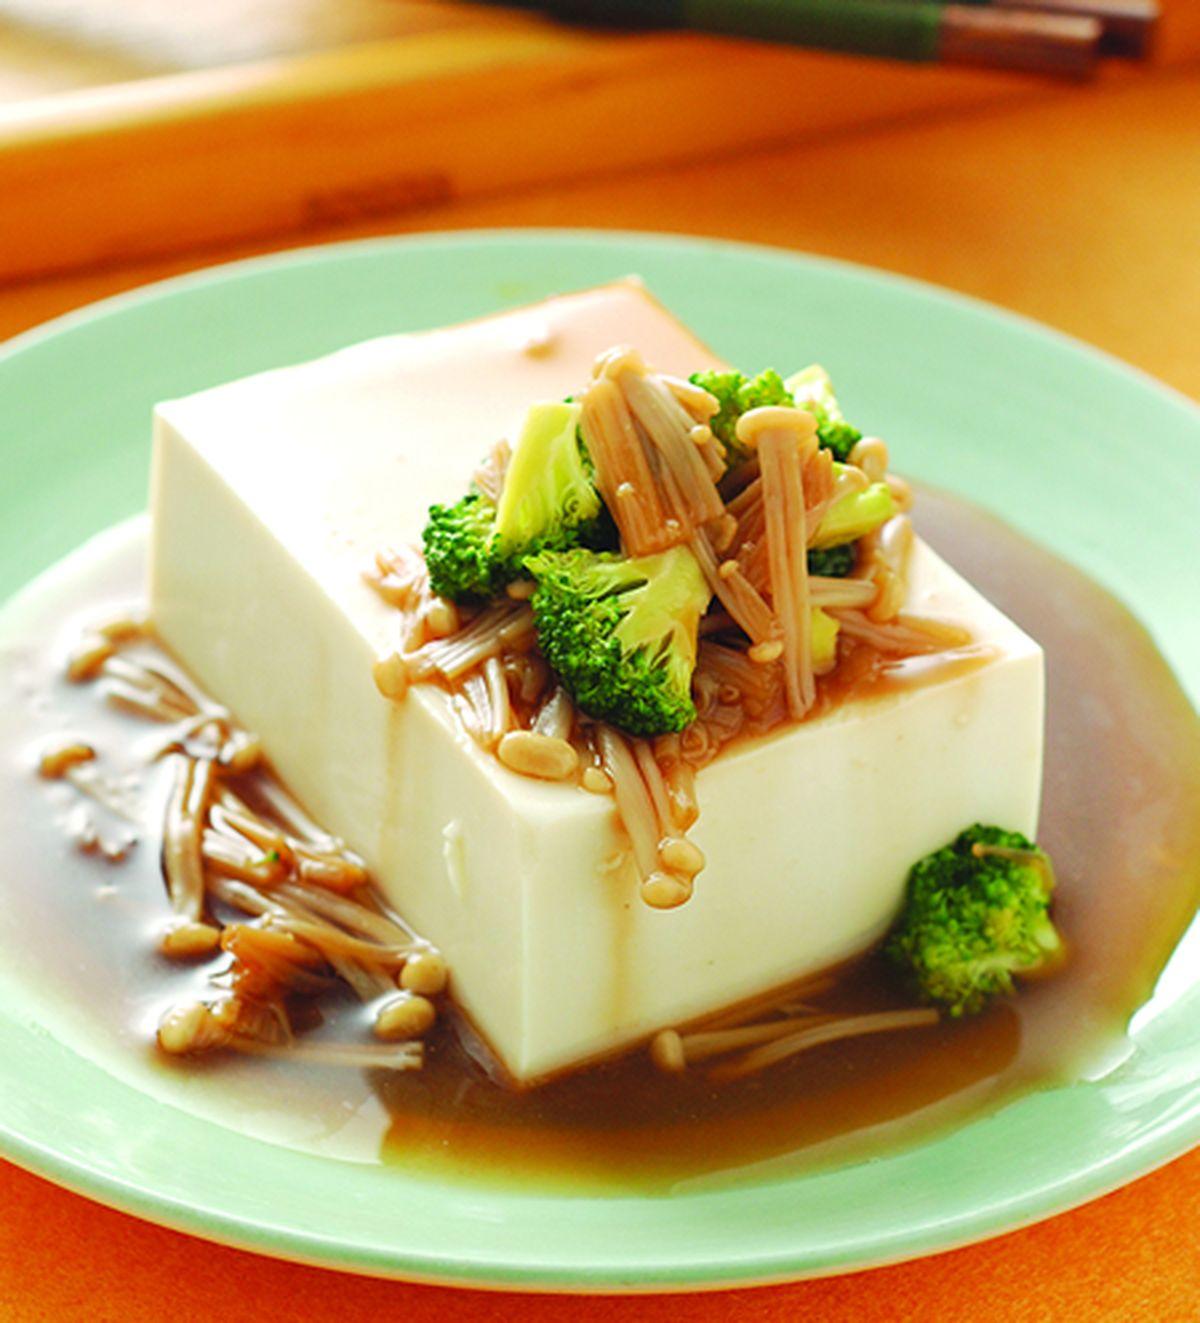 食譜:嫩菇豆腐